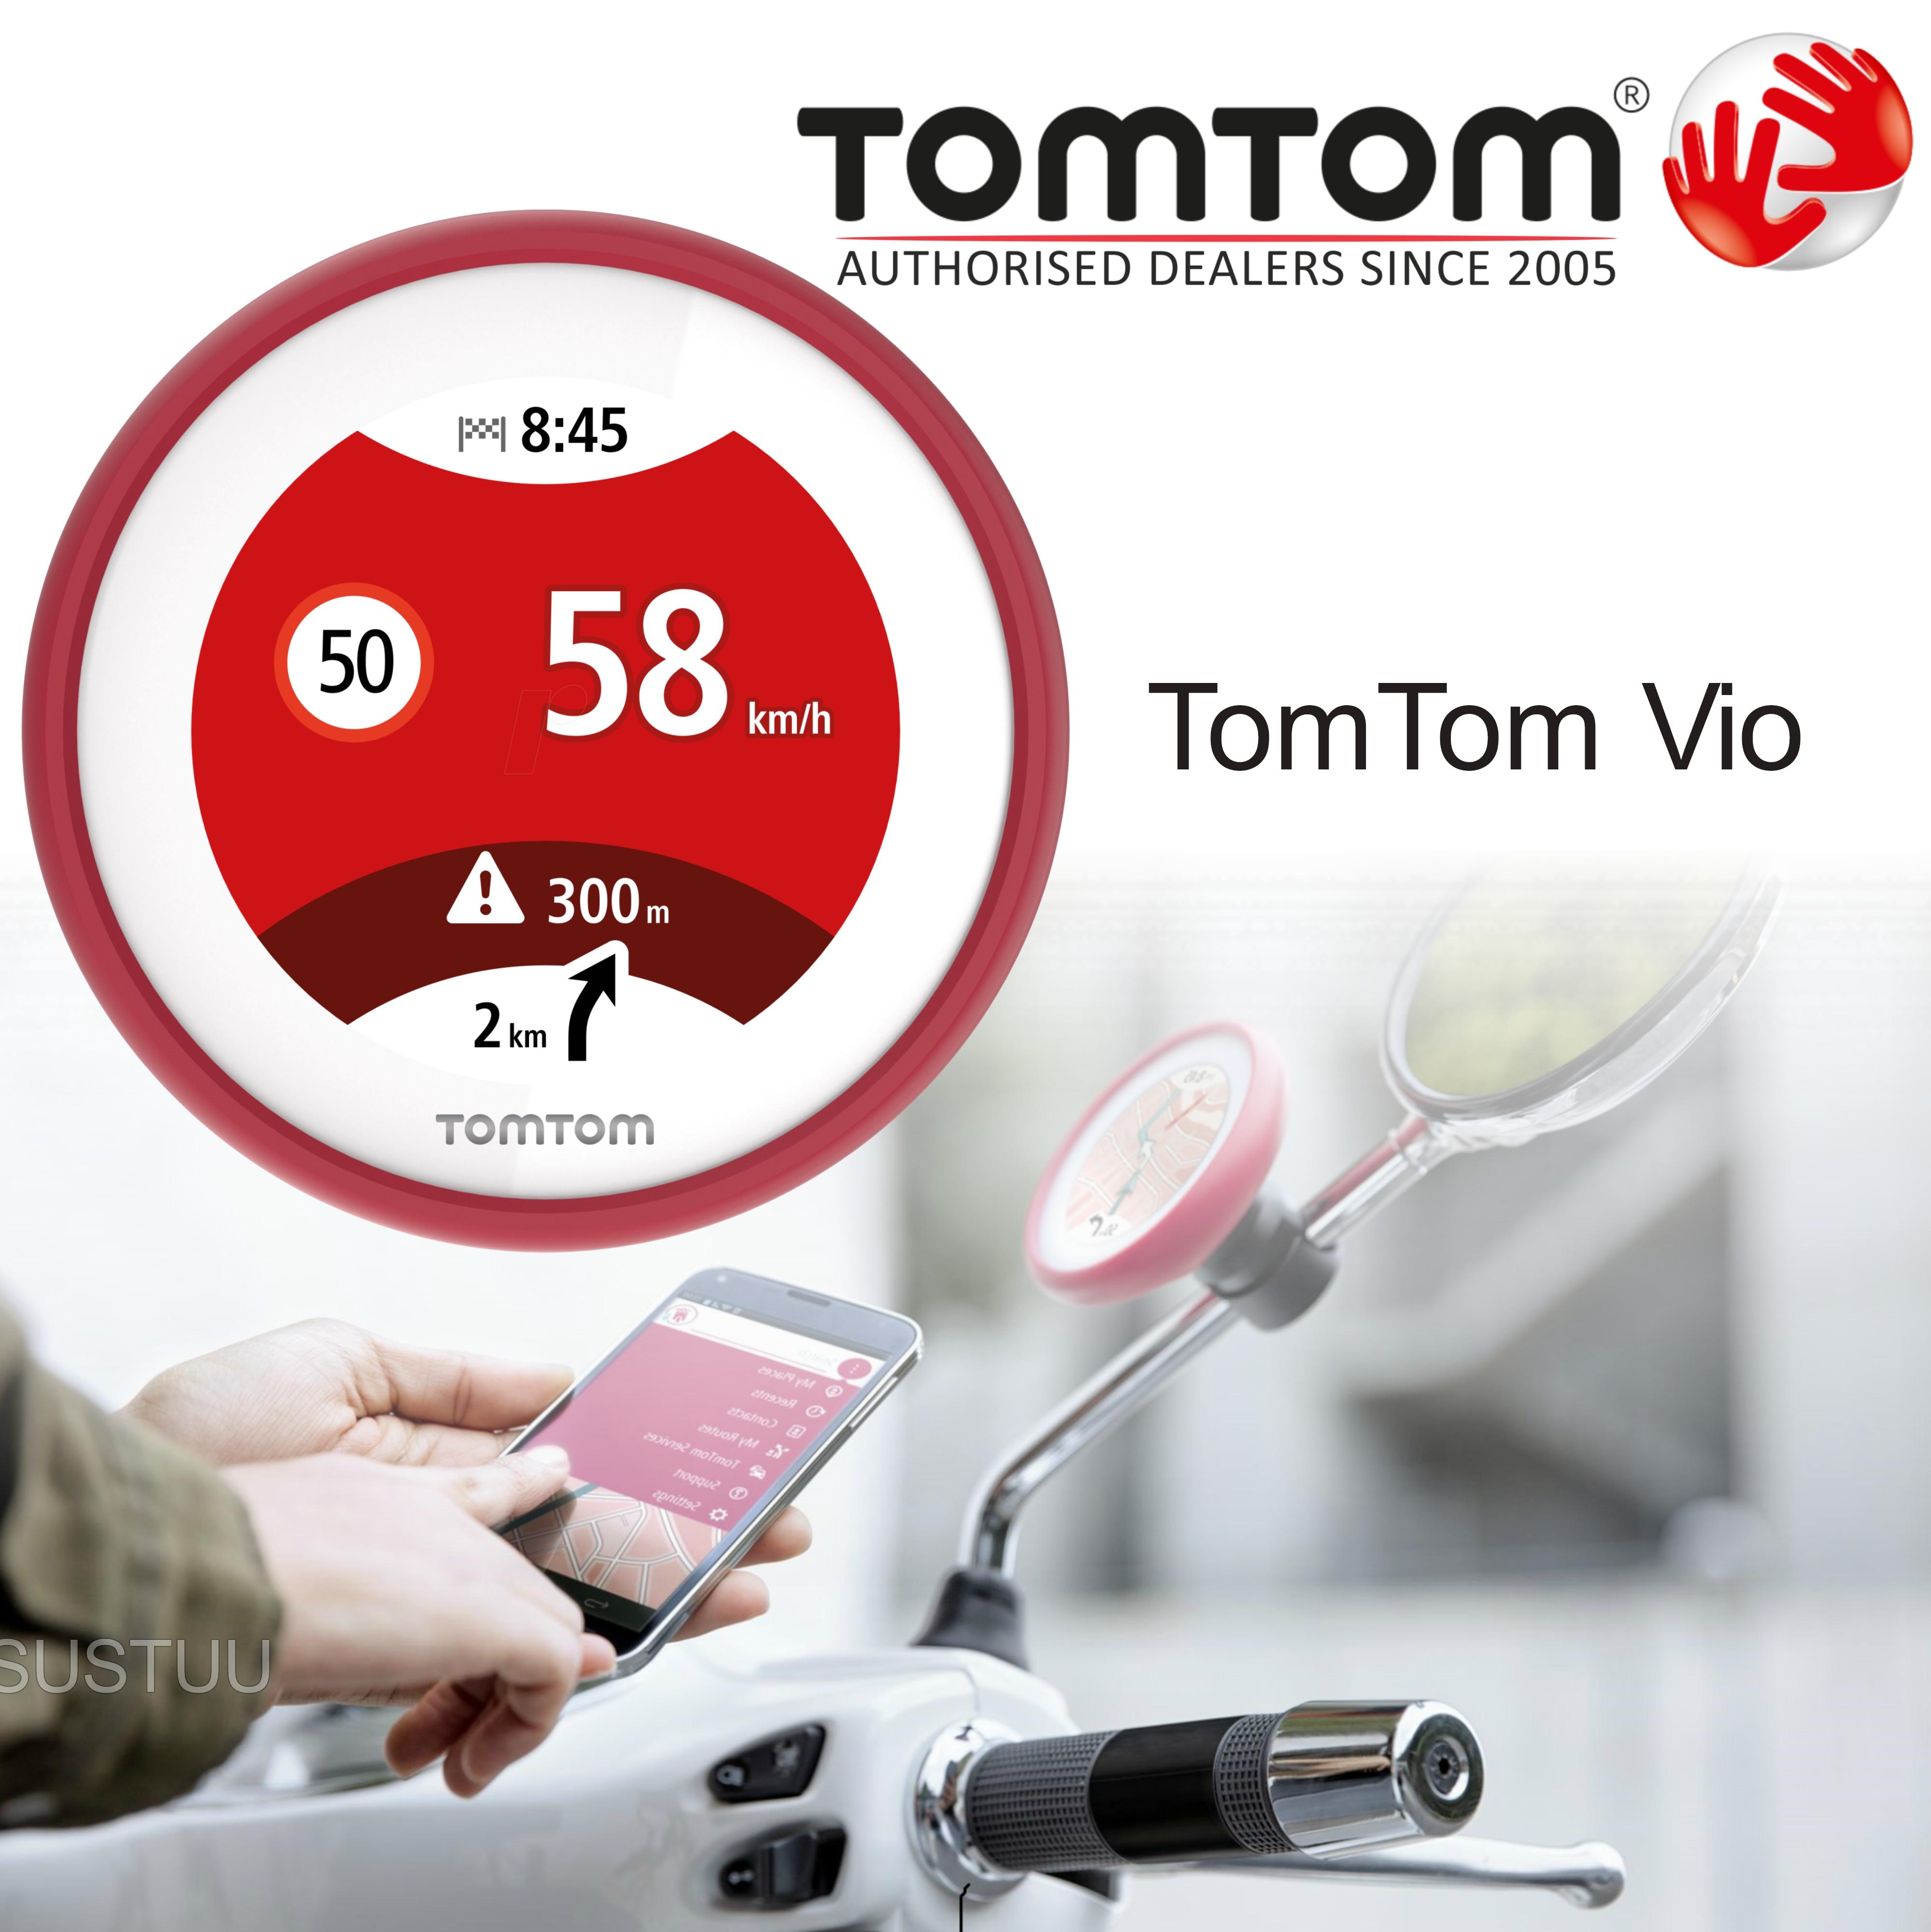 TomTom Vio|Scooter GPS-SatNav|Smartphone Controlled|Waterproof|Lifetime Updates*